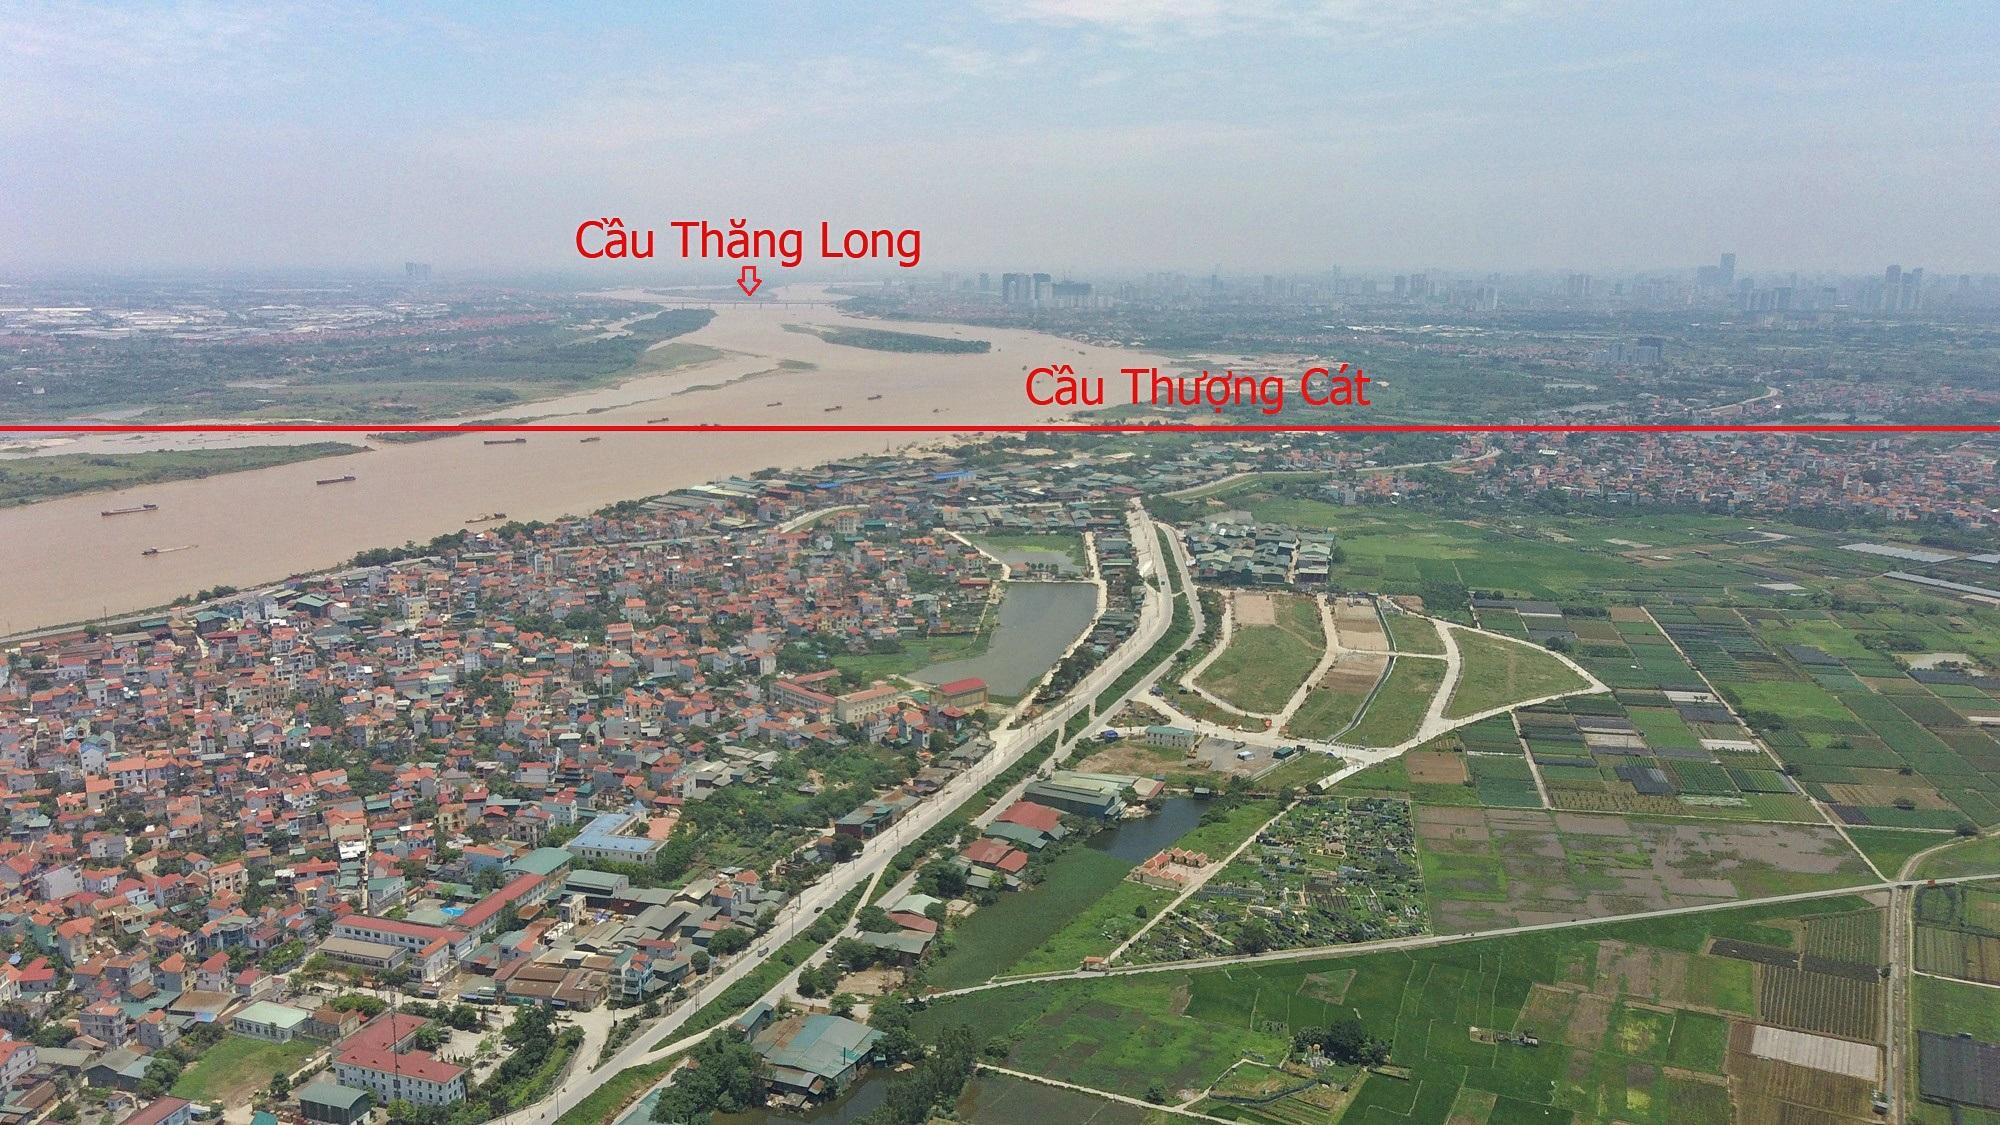 Những dự án sẽ hưởng lợi từ qui hoạch cầu Hồng Hà nối Đan Phượng - Mê Linh - Ảnh 8.